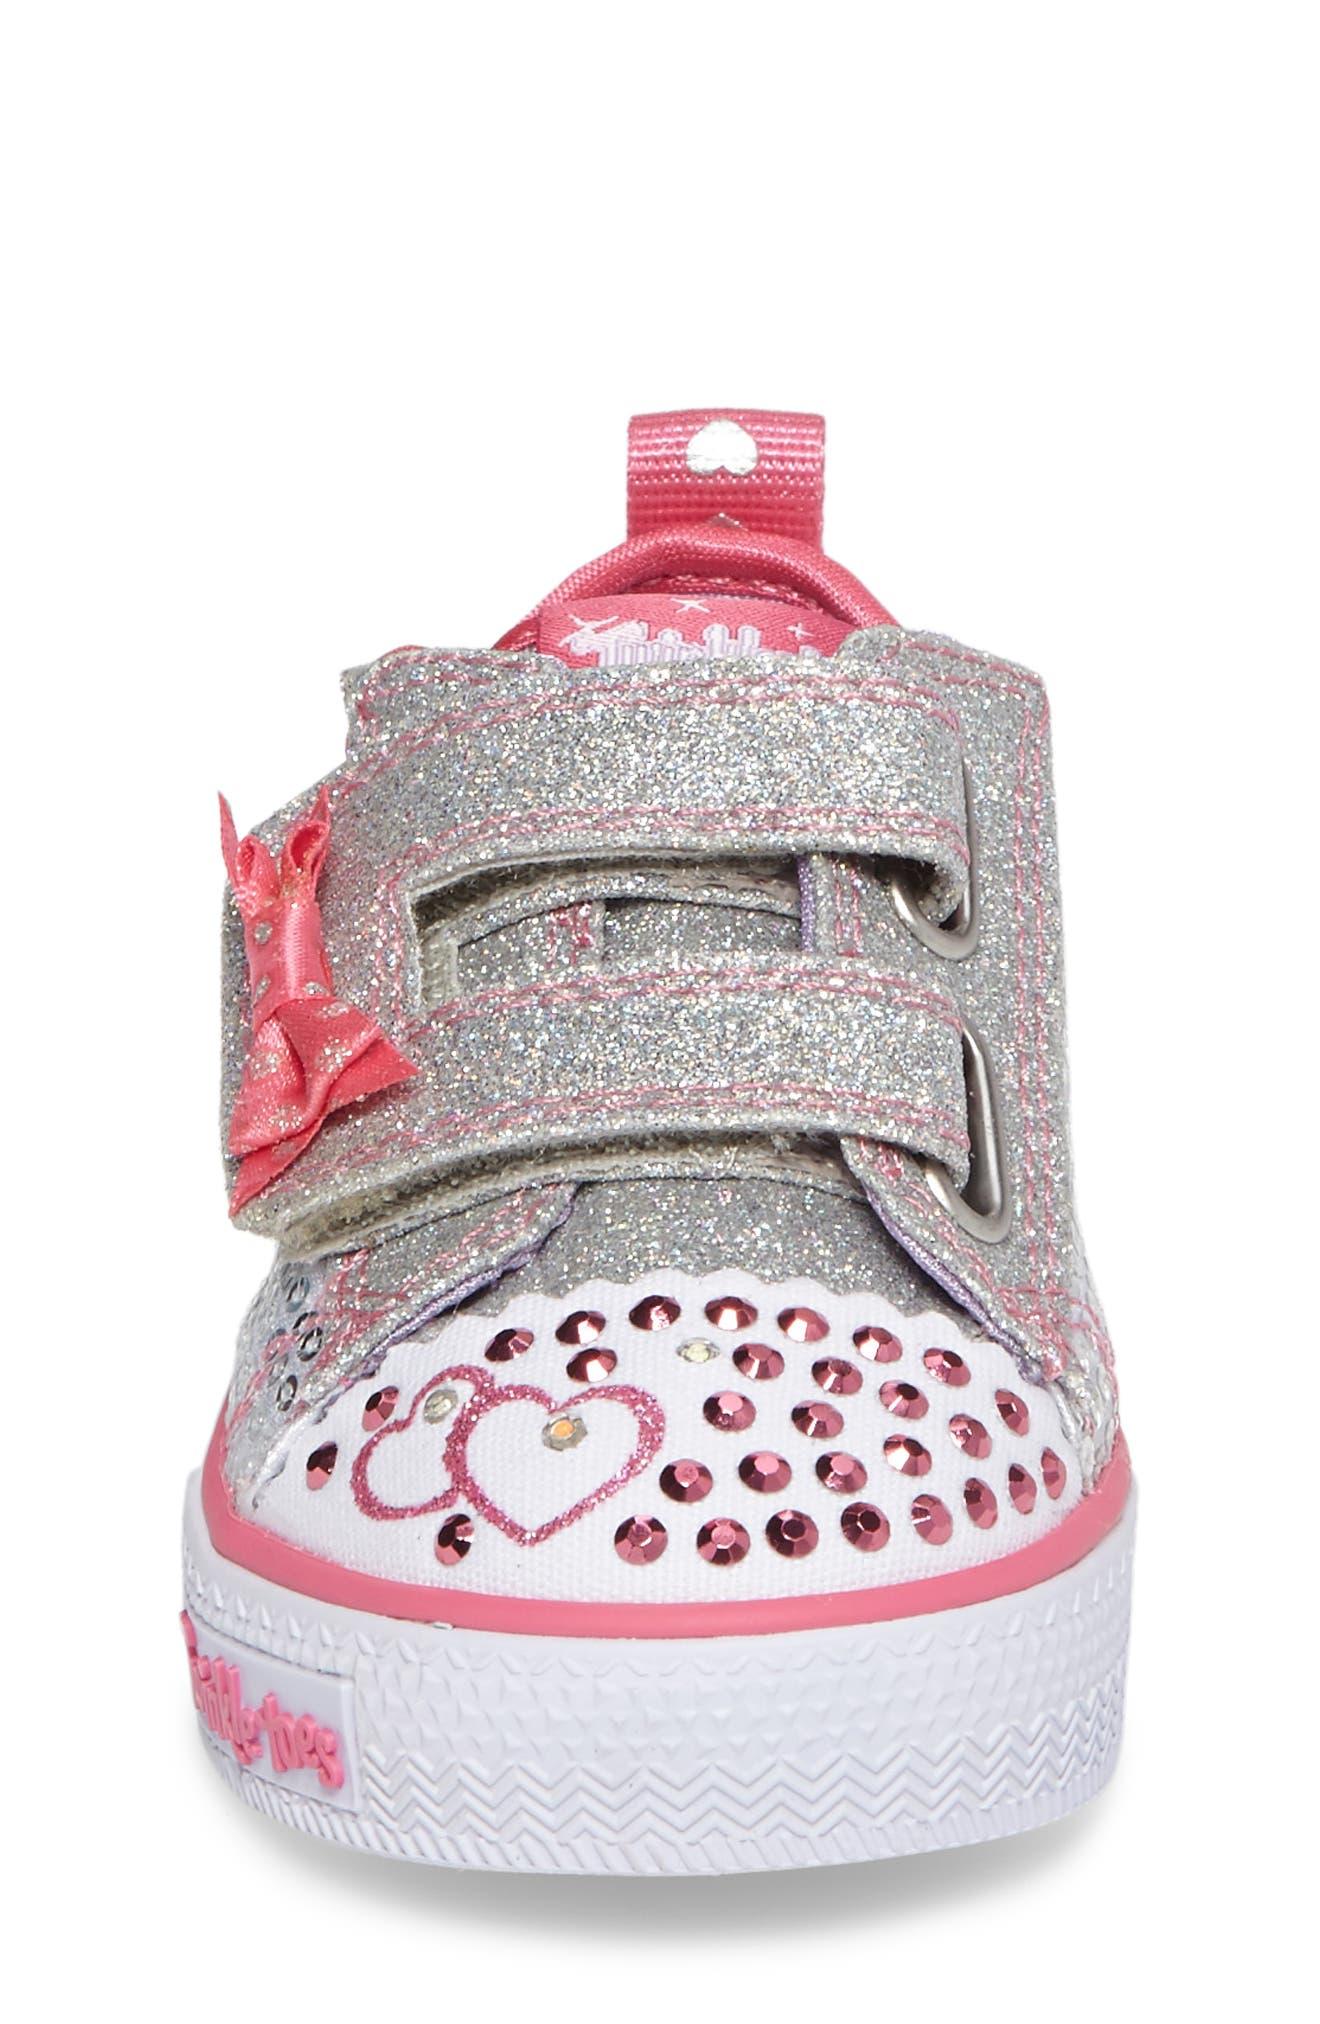 Shuffles - Itsy Bitsy Light-Up Sneaker,                             Alternate thumbnail 4, color,                             040